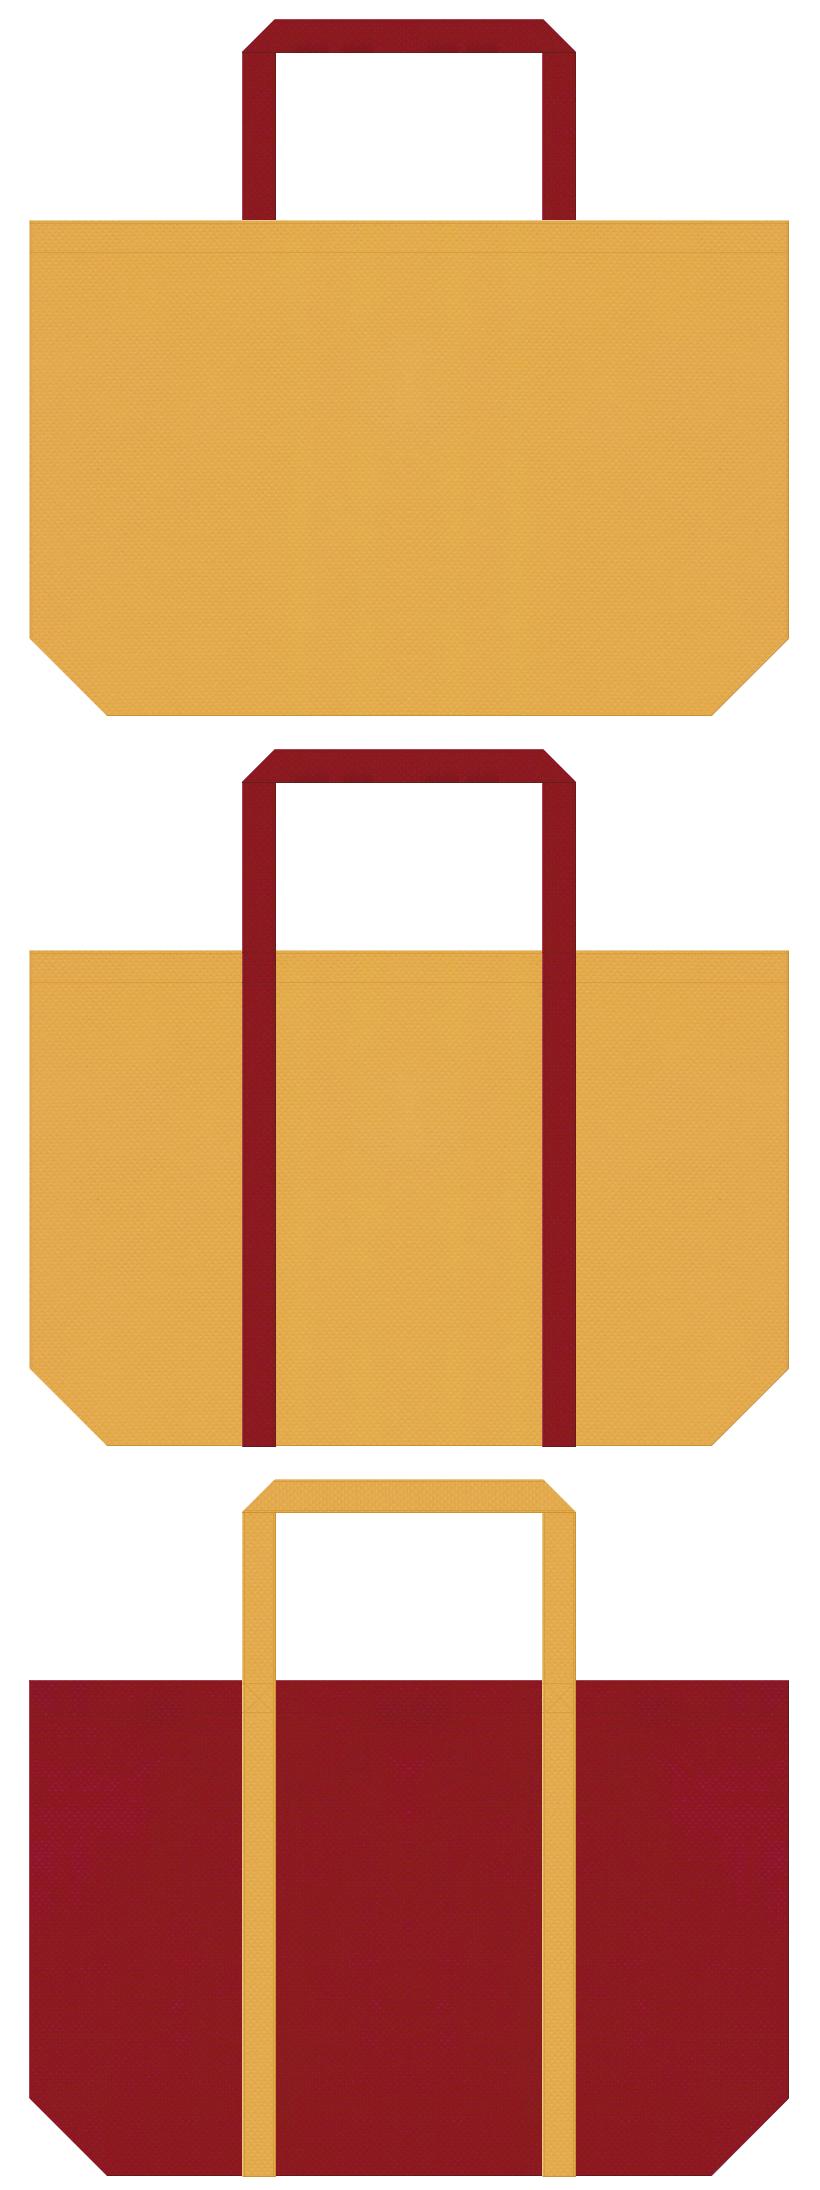 黄土色とエンジ色の不織布バッグデザイン。硫黄温泉のイメージ、旅館のノベルティ、演芸場等の和風柄にお奨めです。